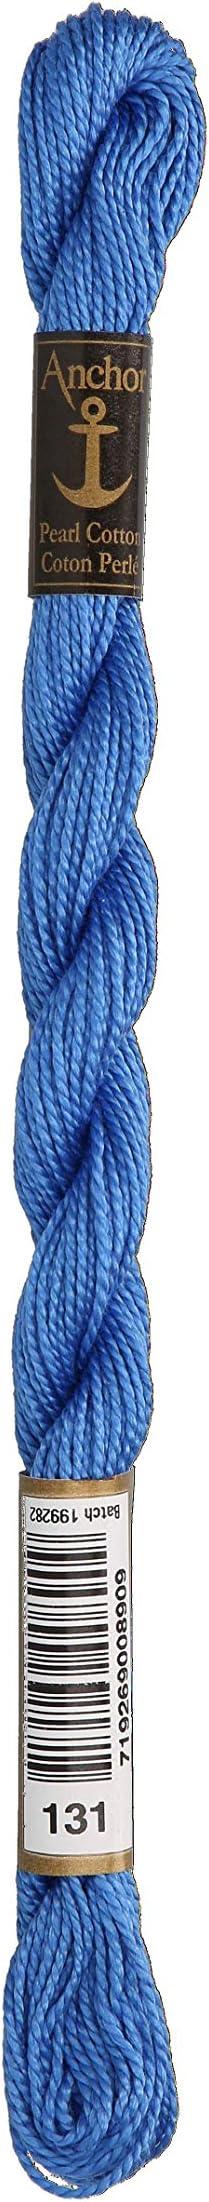 5 g Hellblau St/ärke 5 Anchor Perlgarn Farbe 130